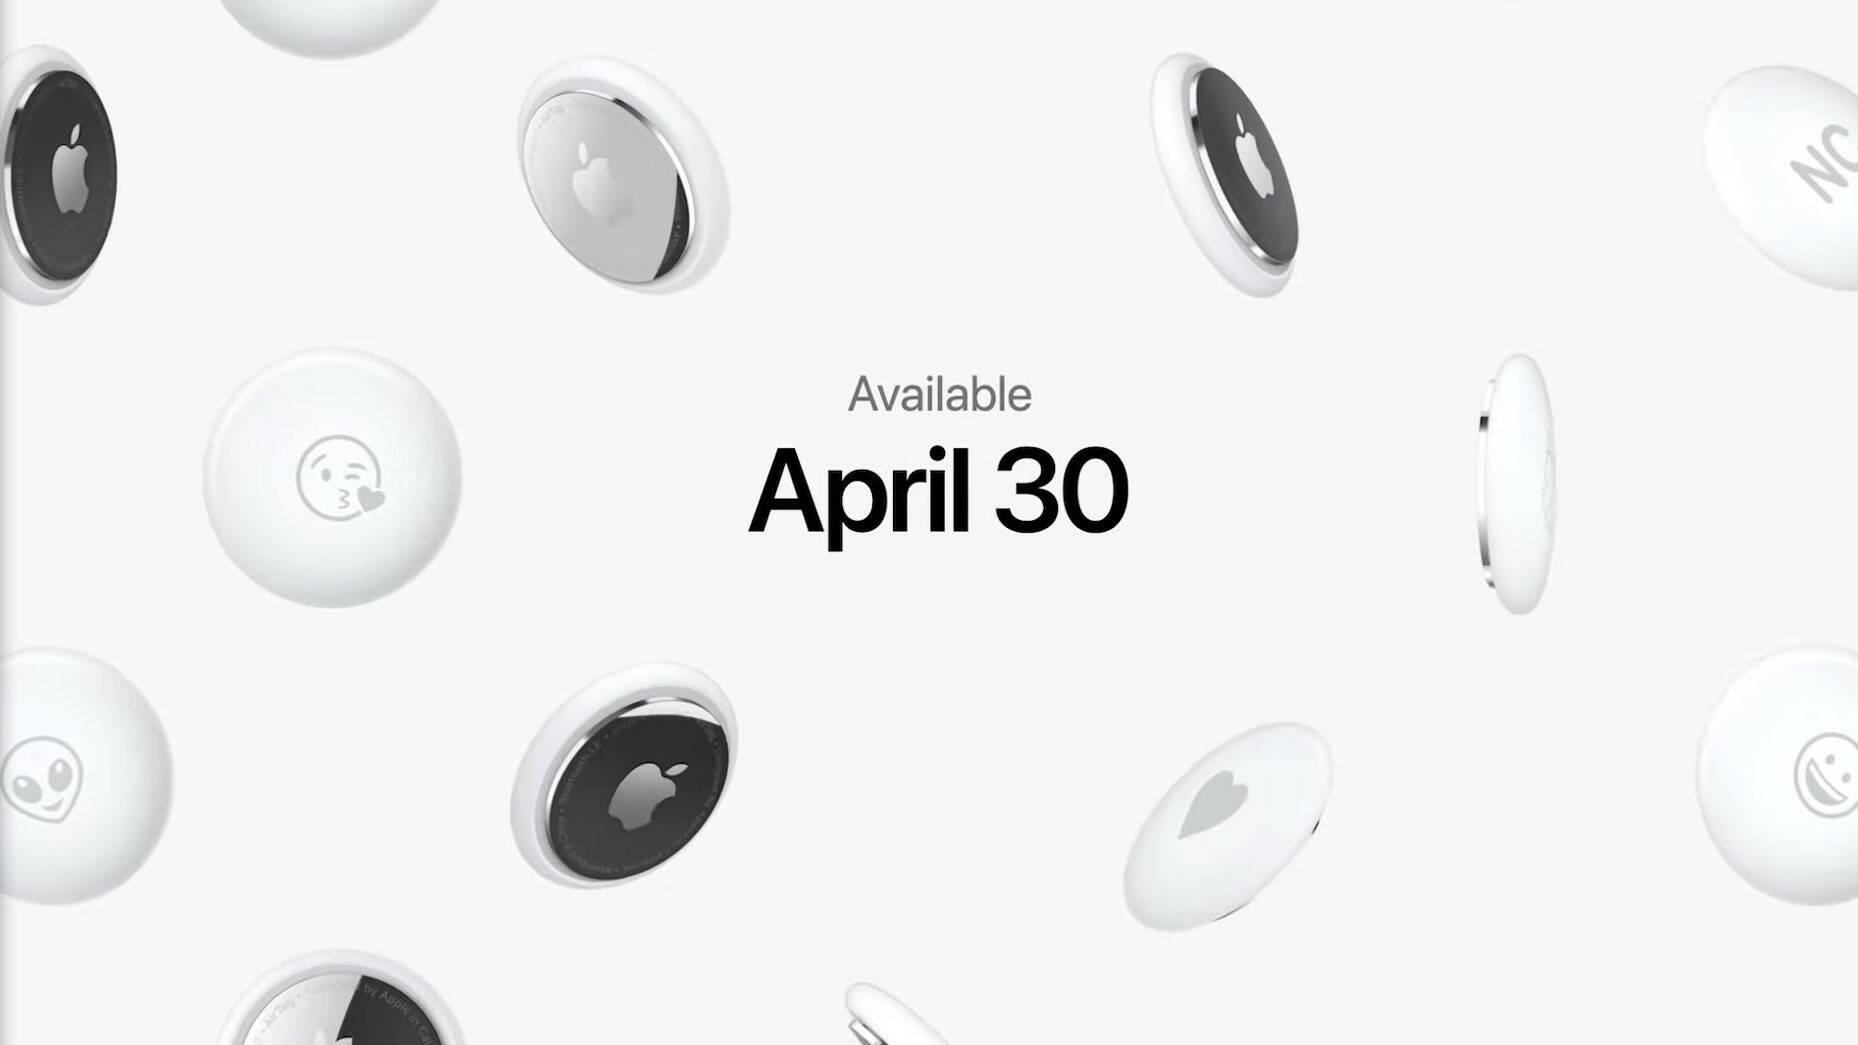 Apple AirDax